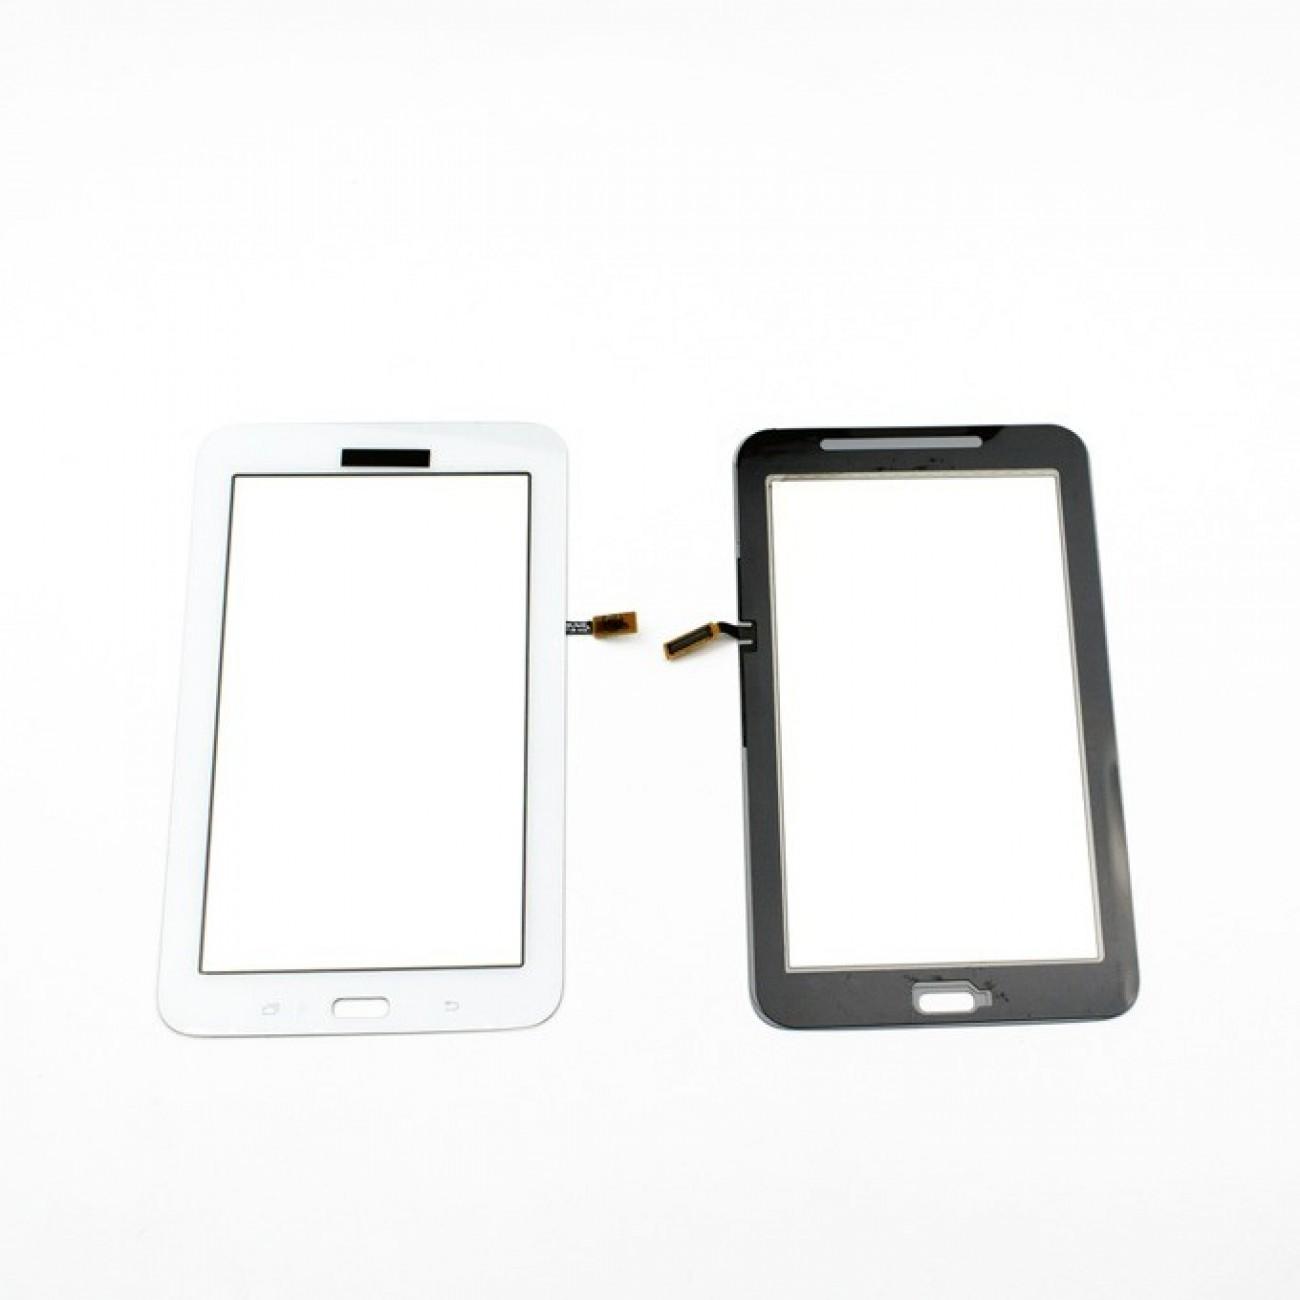 Тъч модул за Samsung Galaxy Tab T113, touch, бял в Резервни части -  | Alleop